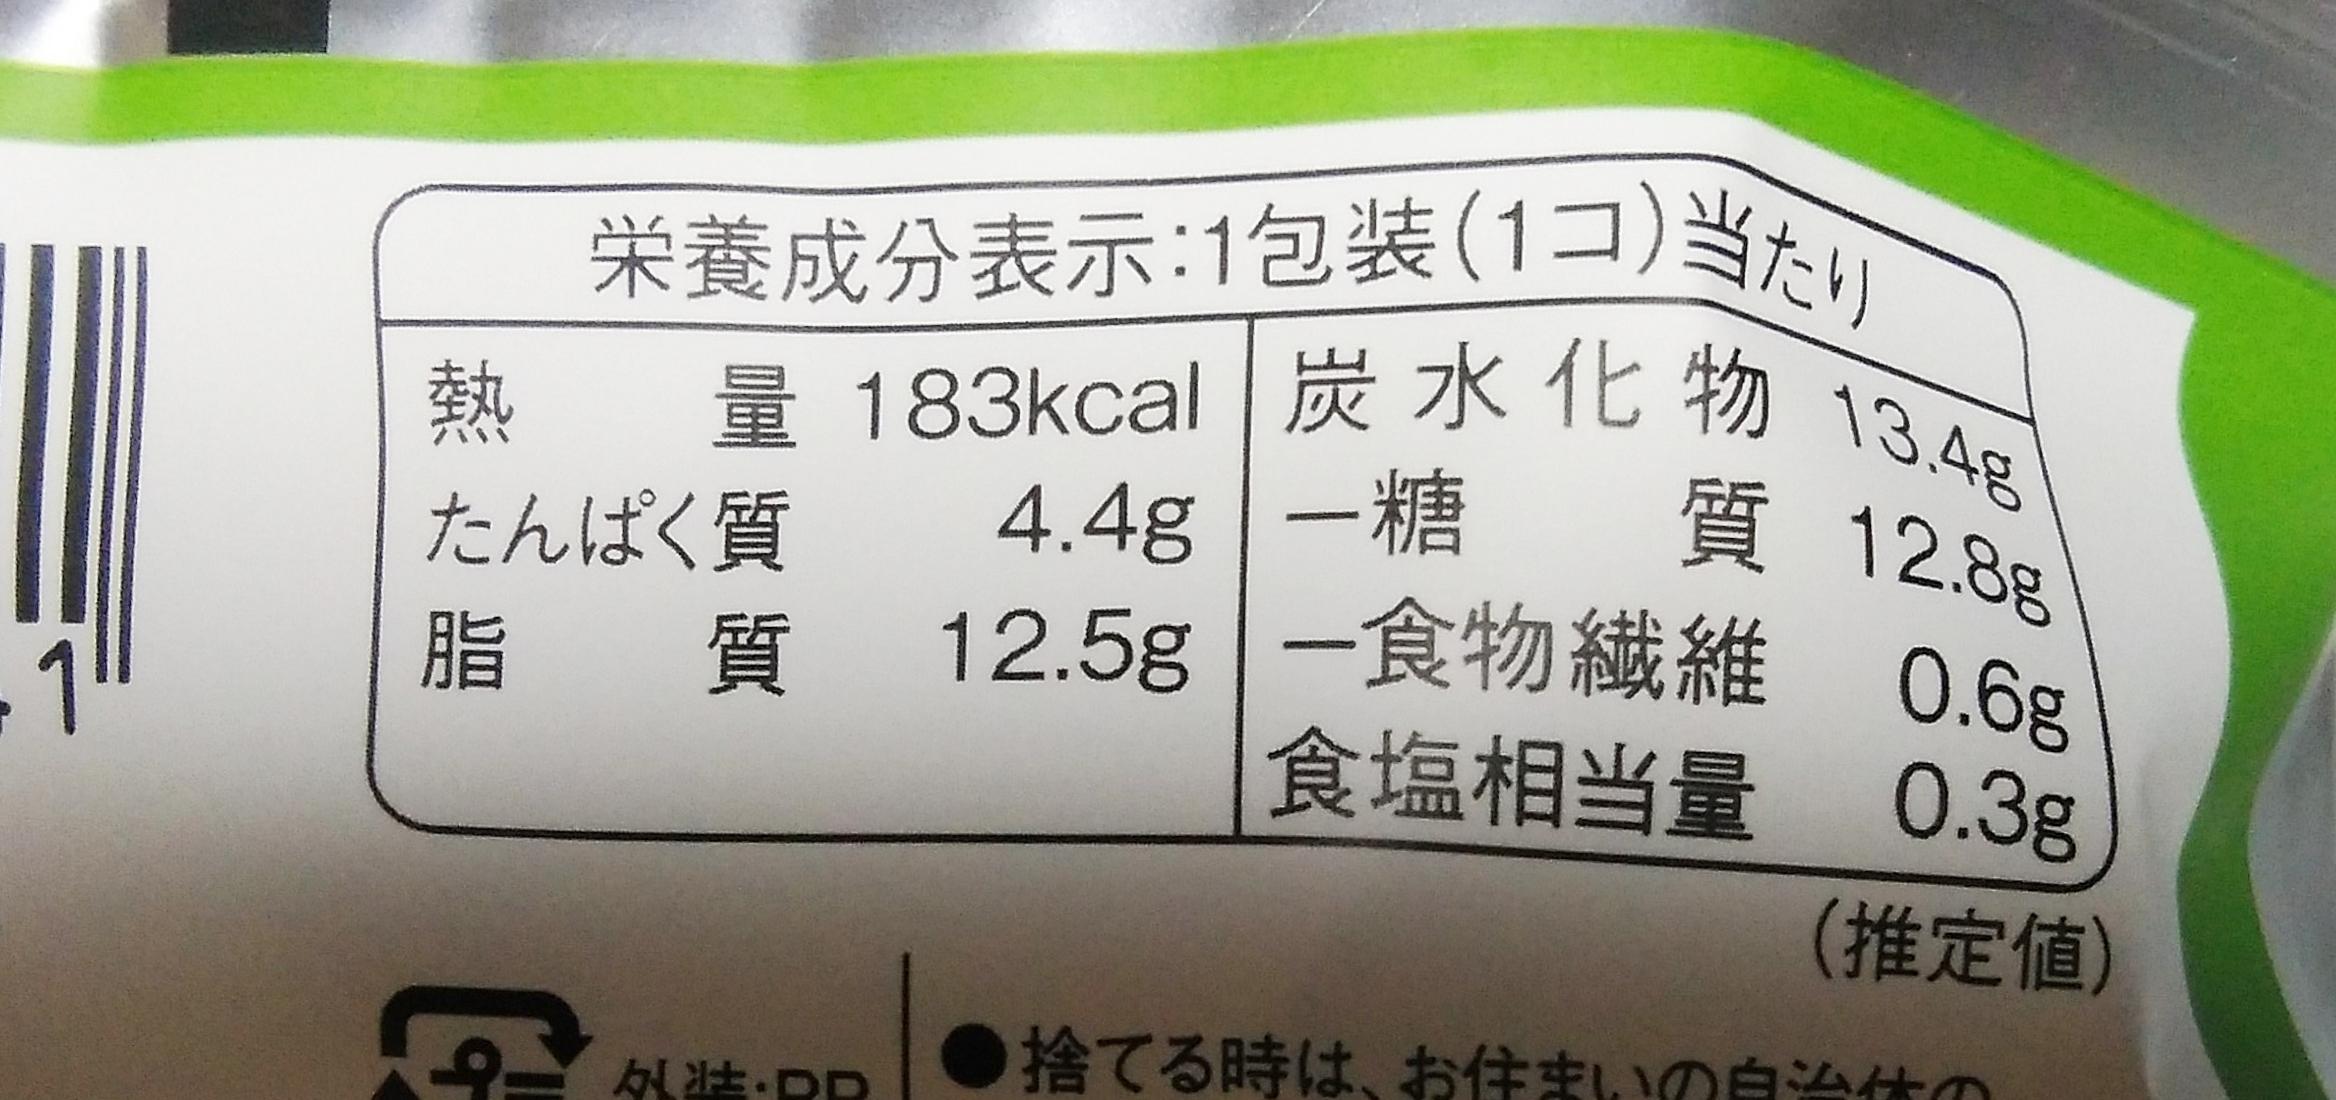 ローソンのバスチーに抹茶味が!?バスチー風抹茶チーズケーキの値段!69